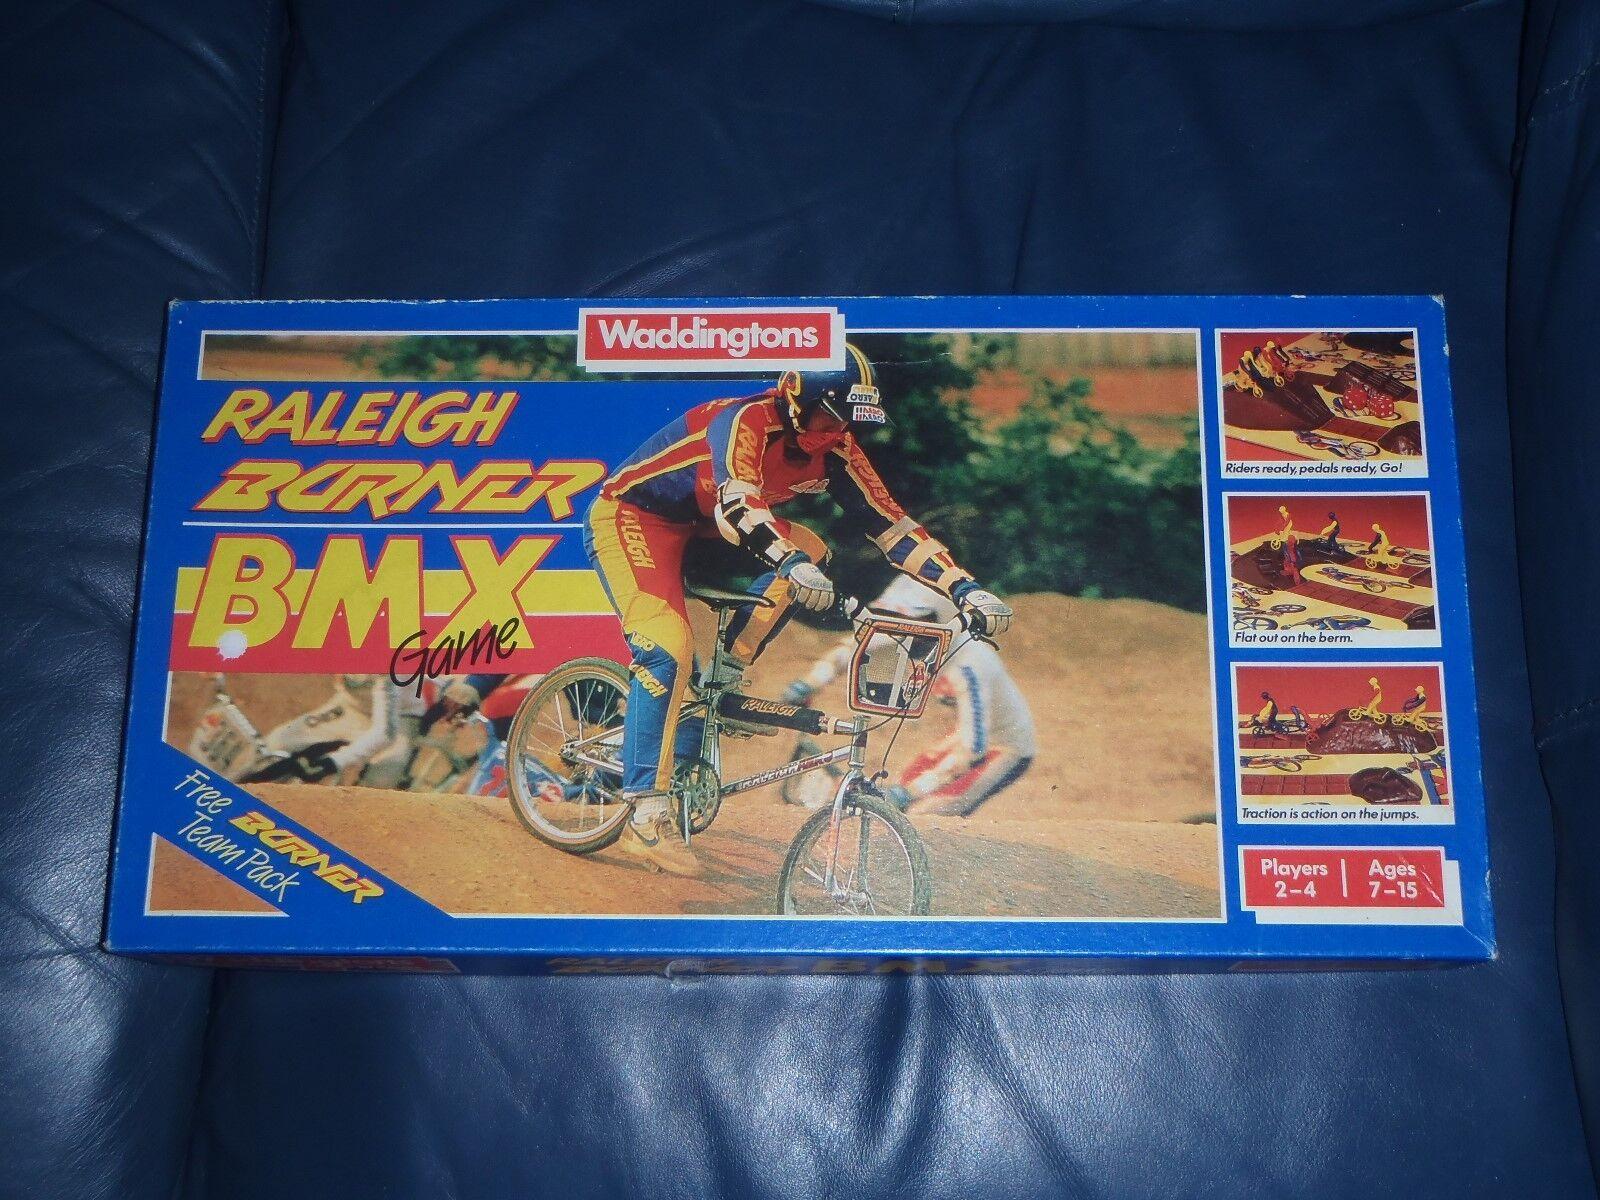 Videojuegos Videojuegos Videojuegos para quemadores de waldington Raleigh BMX d4d